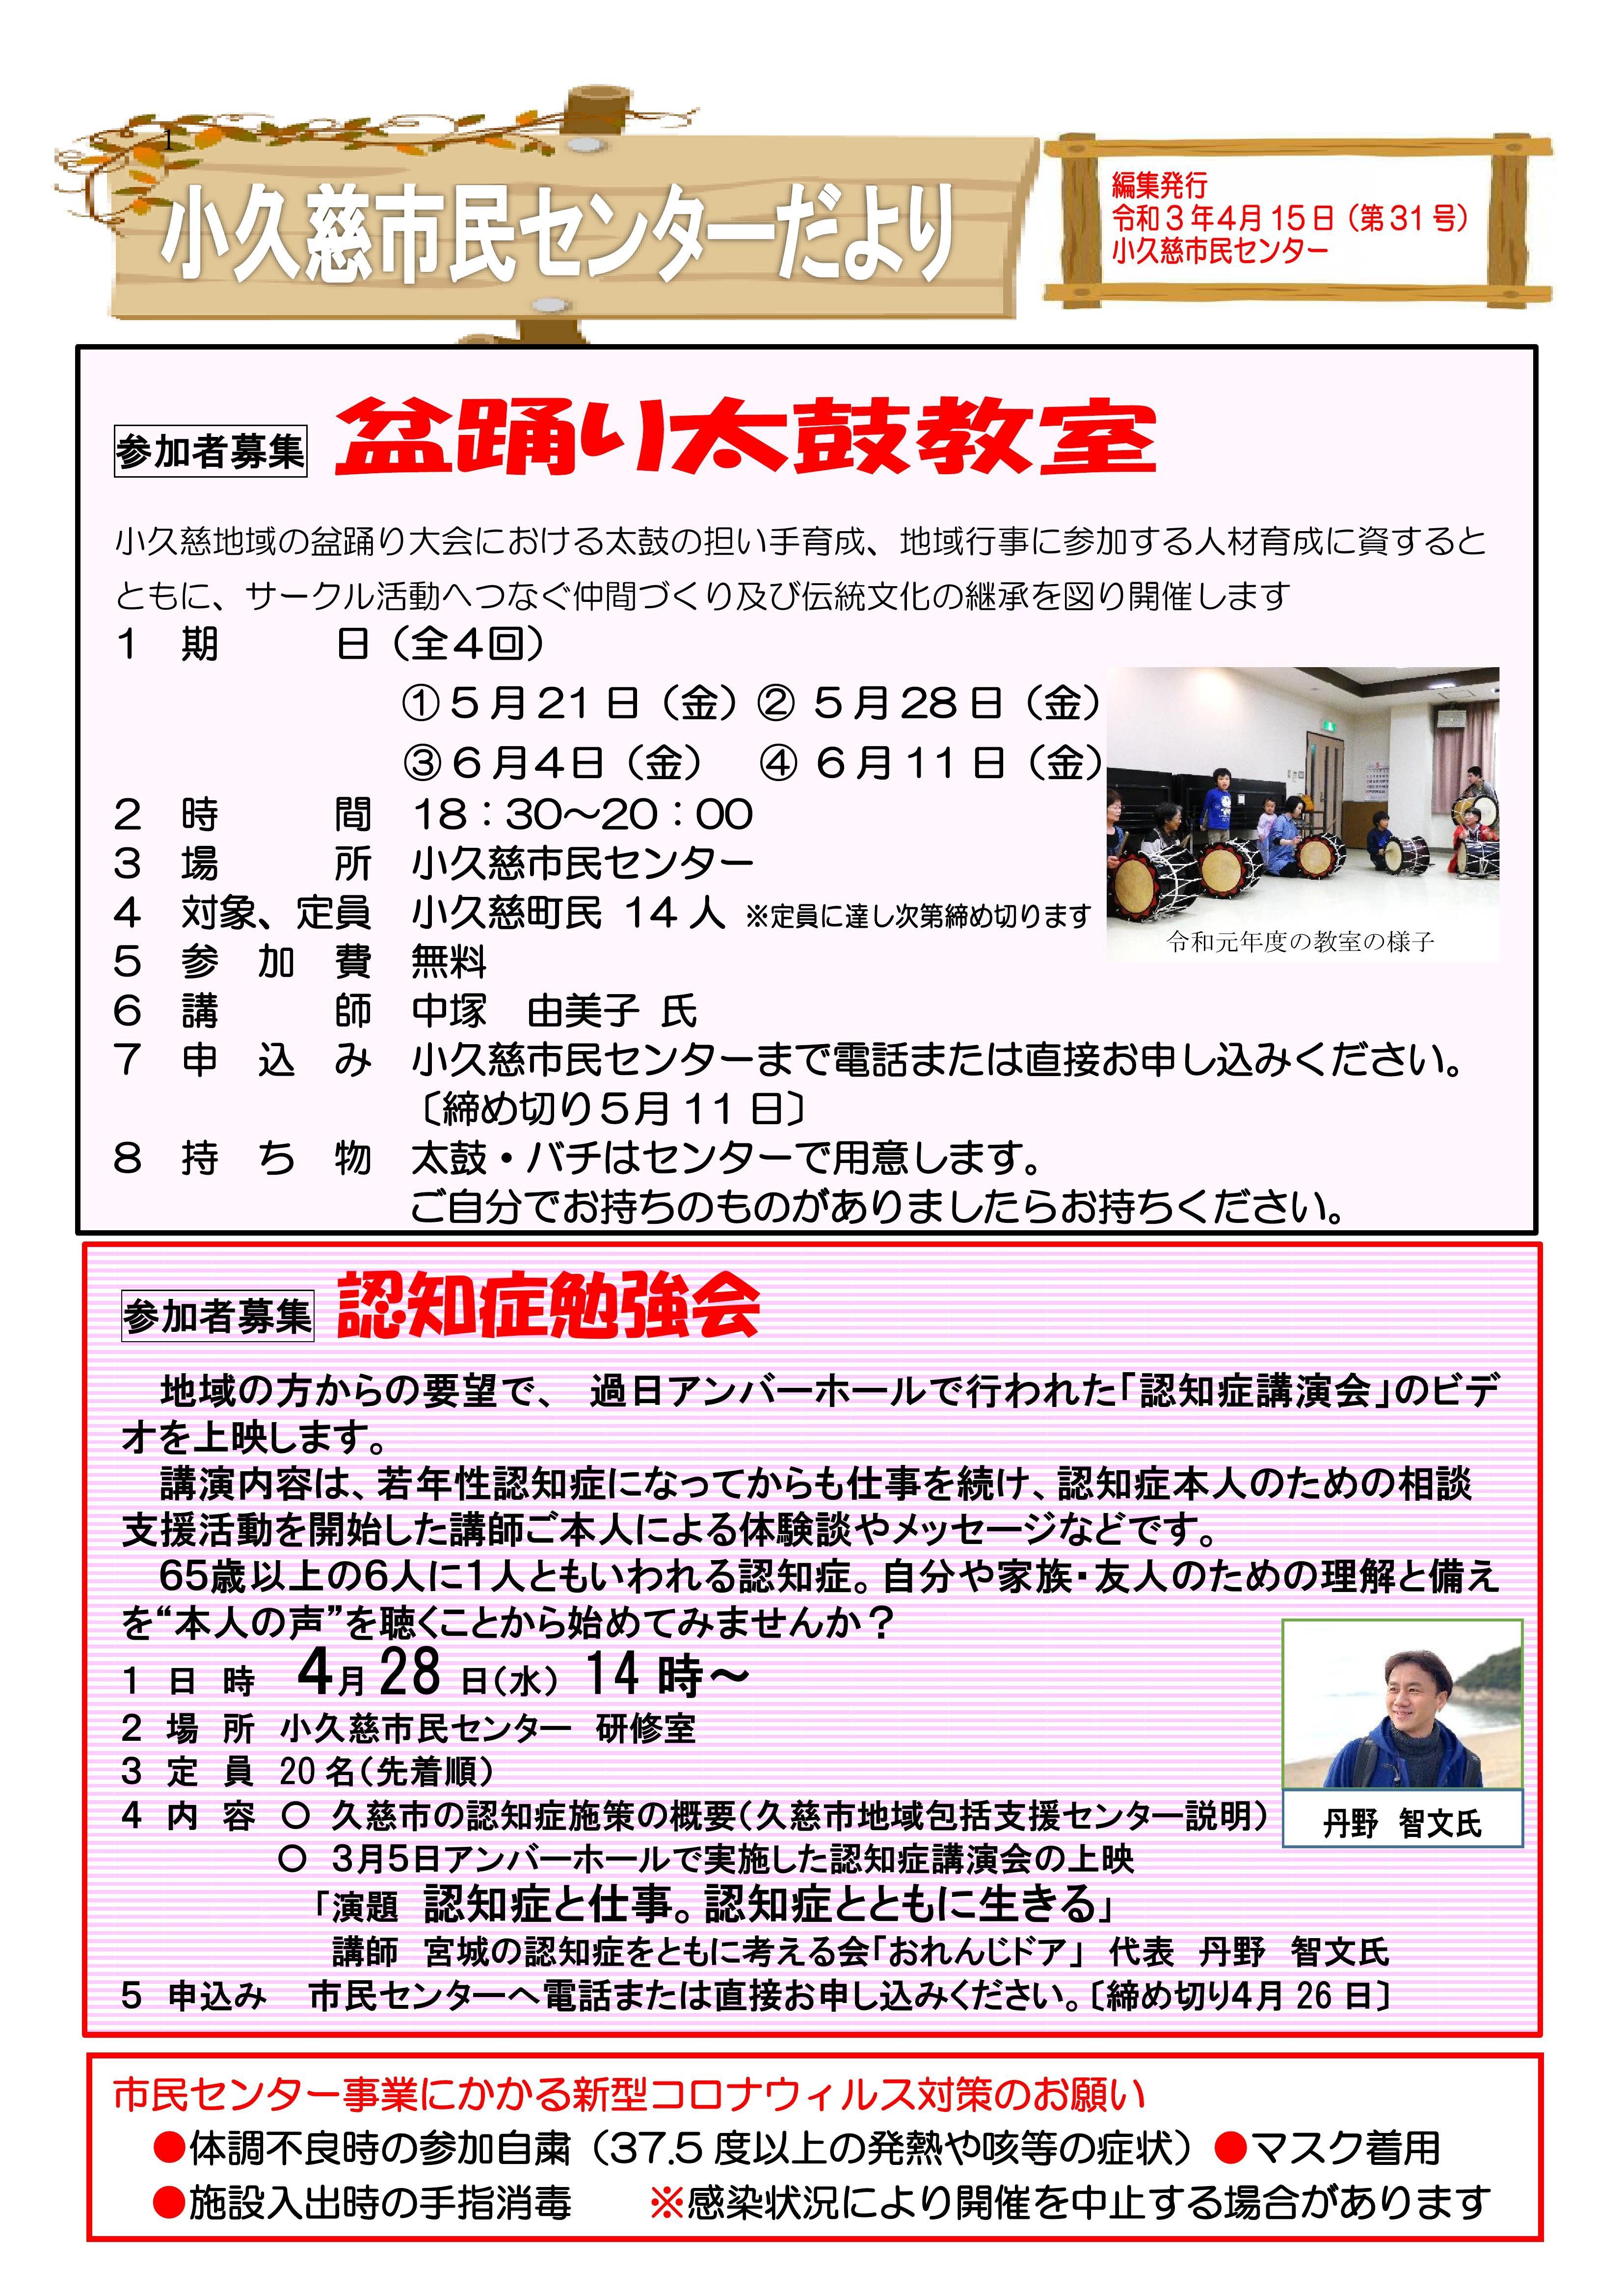 小久慈市民センター報(令和3年4月15日号)1ページ